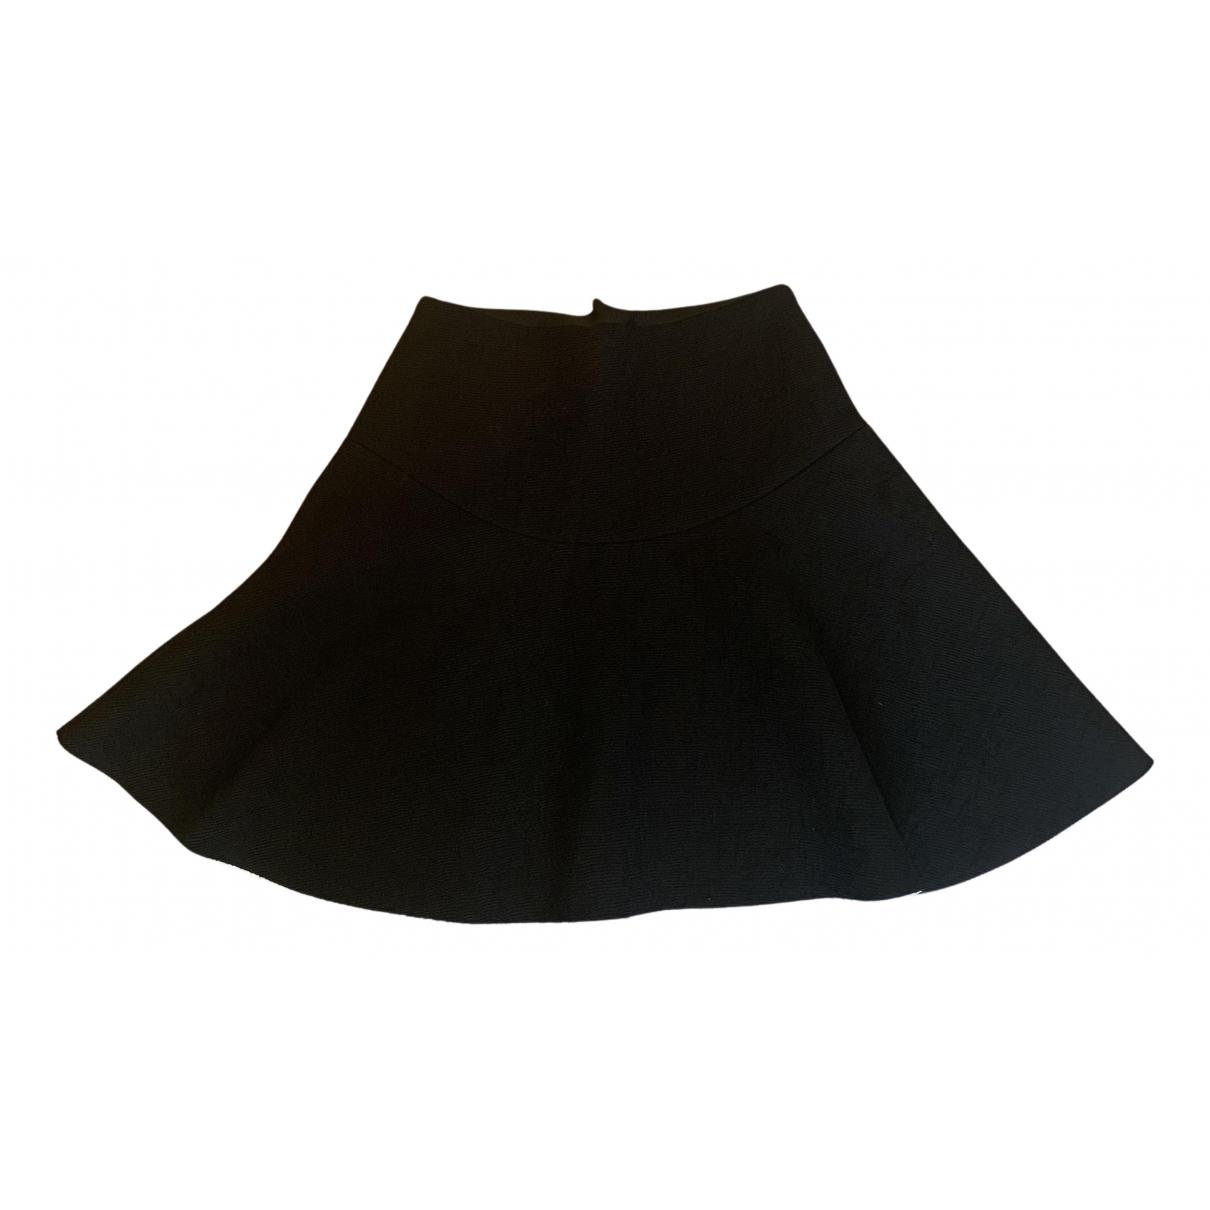 Sandro N Black skirt for Women 1 0-5